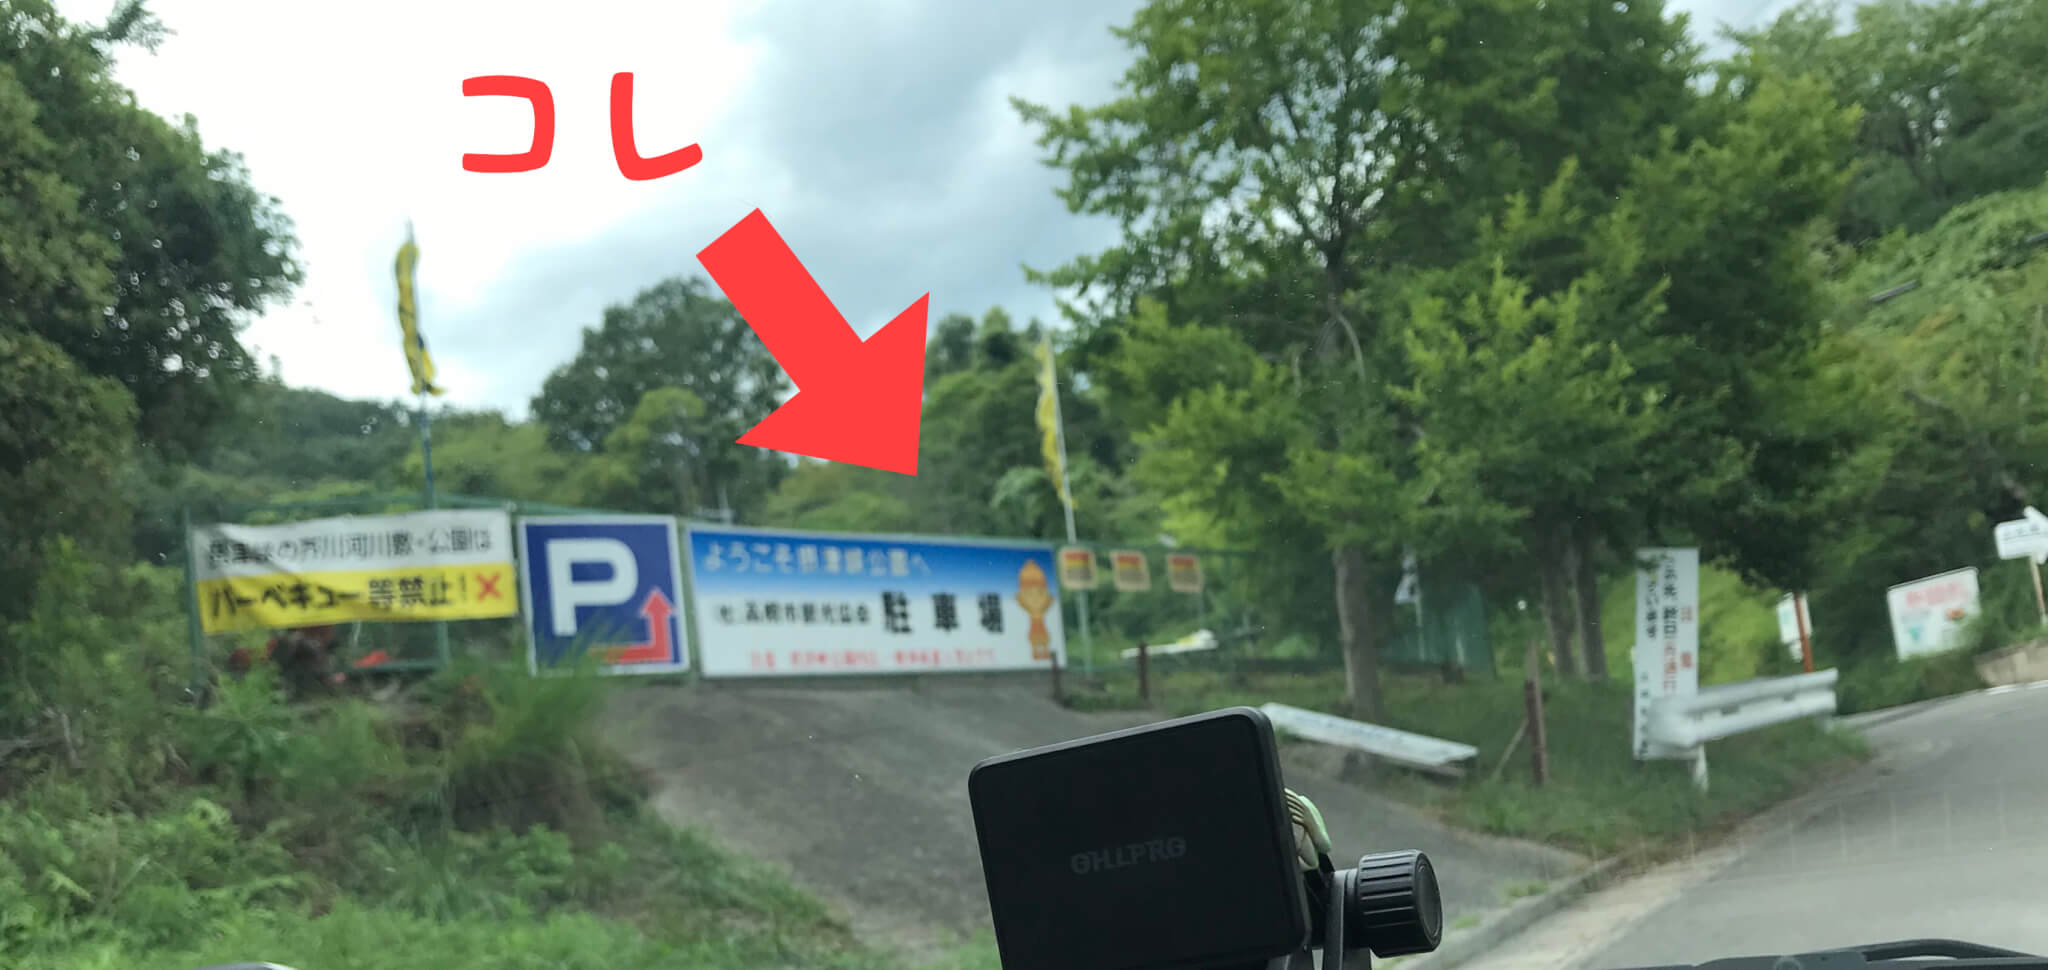 下の口駐車場 看板